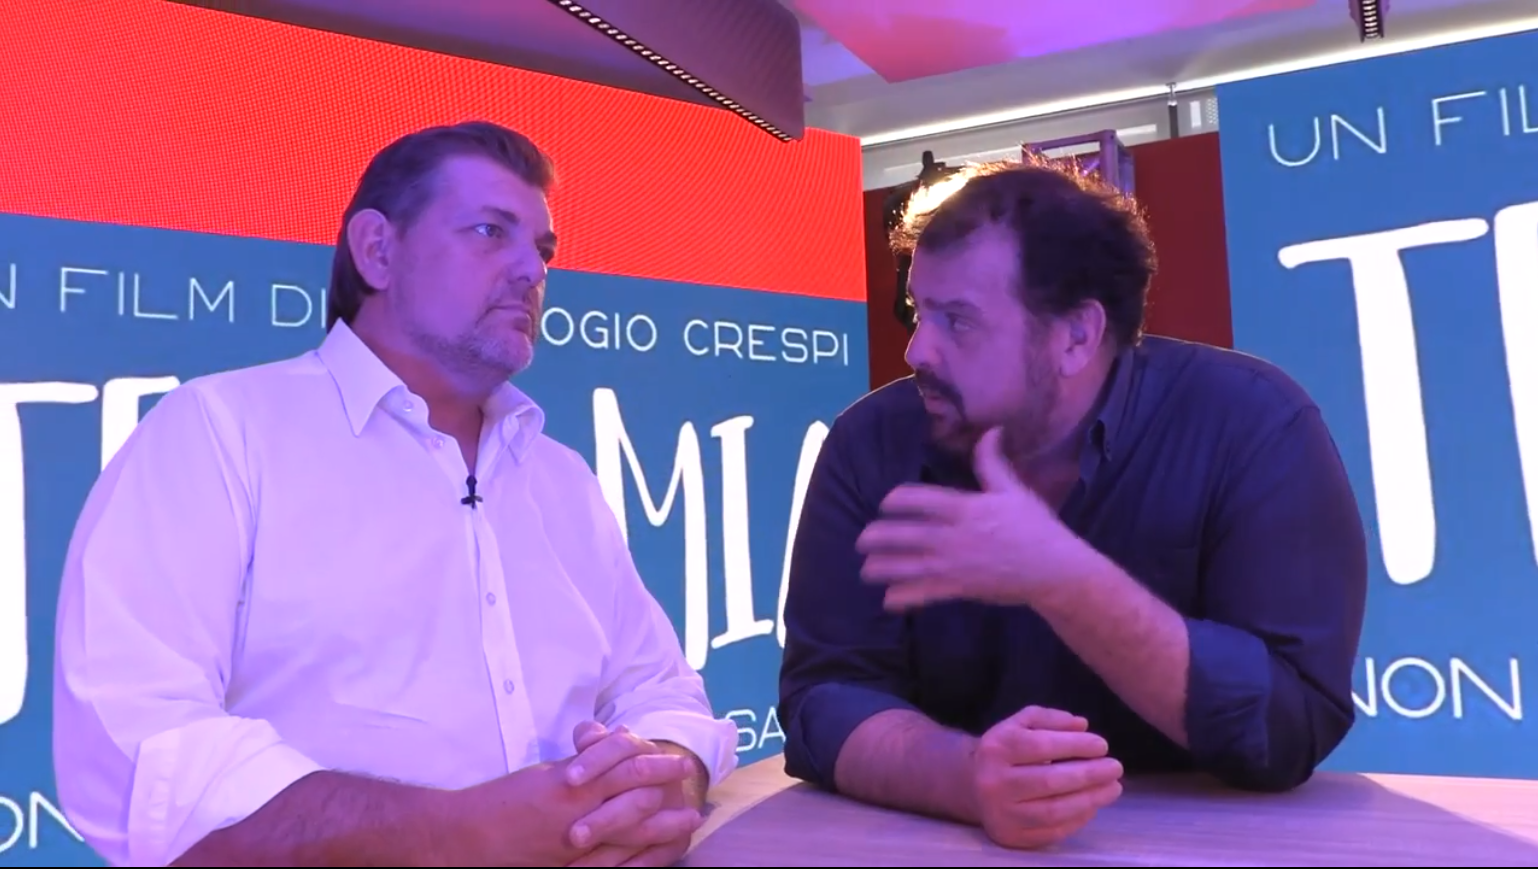 Amazon Prime Video – I docufilm di Ambrogio Crespi